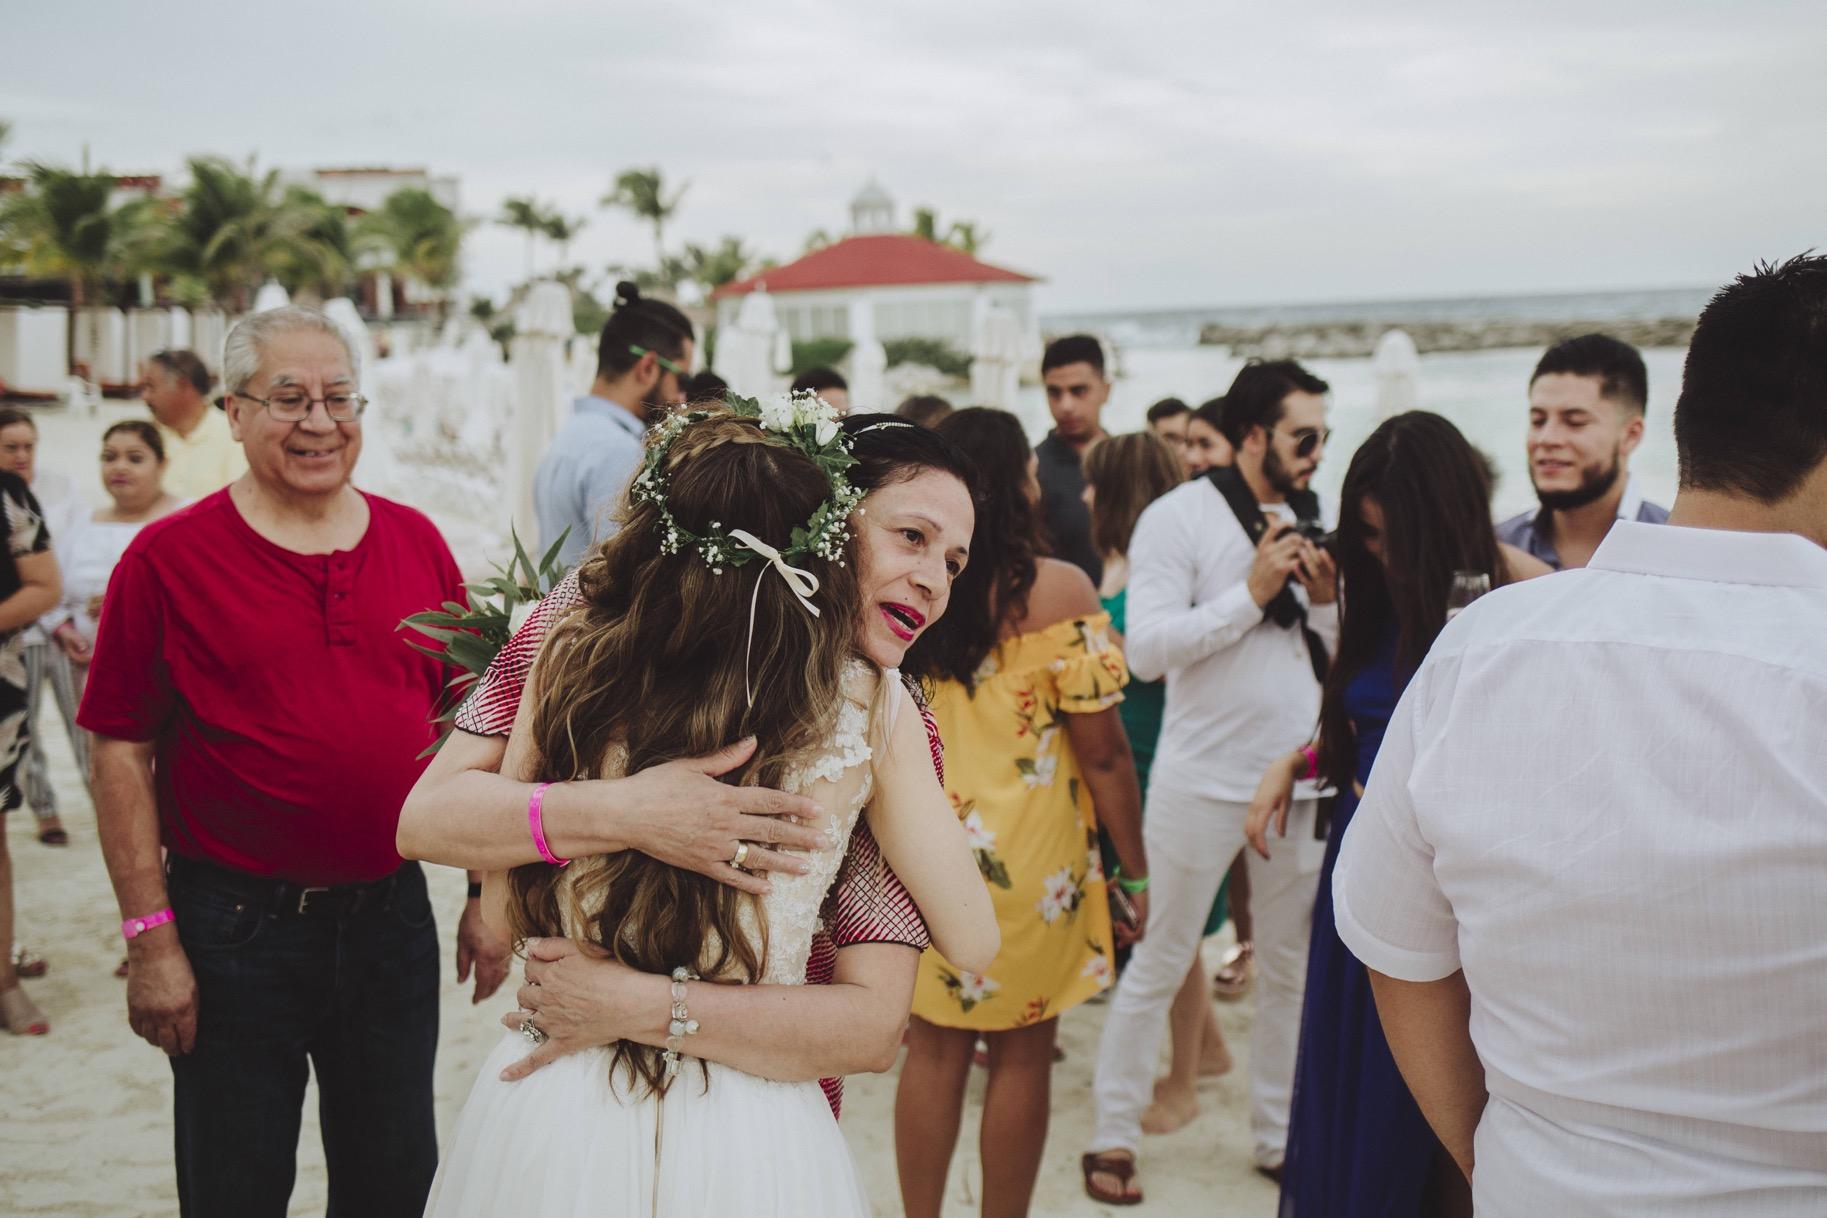 fotografo_bodas_profesional_zacatecas_riviera_maya_cancun-92